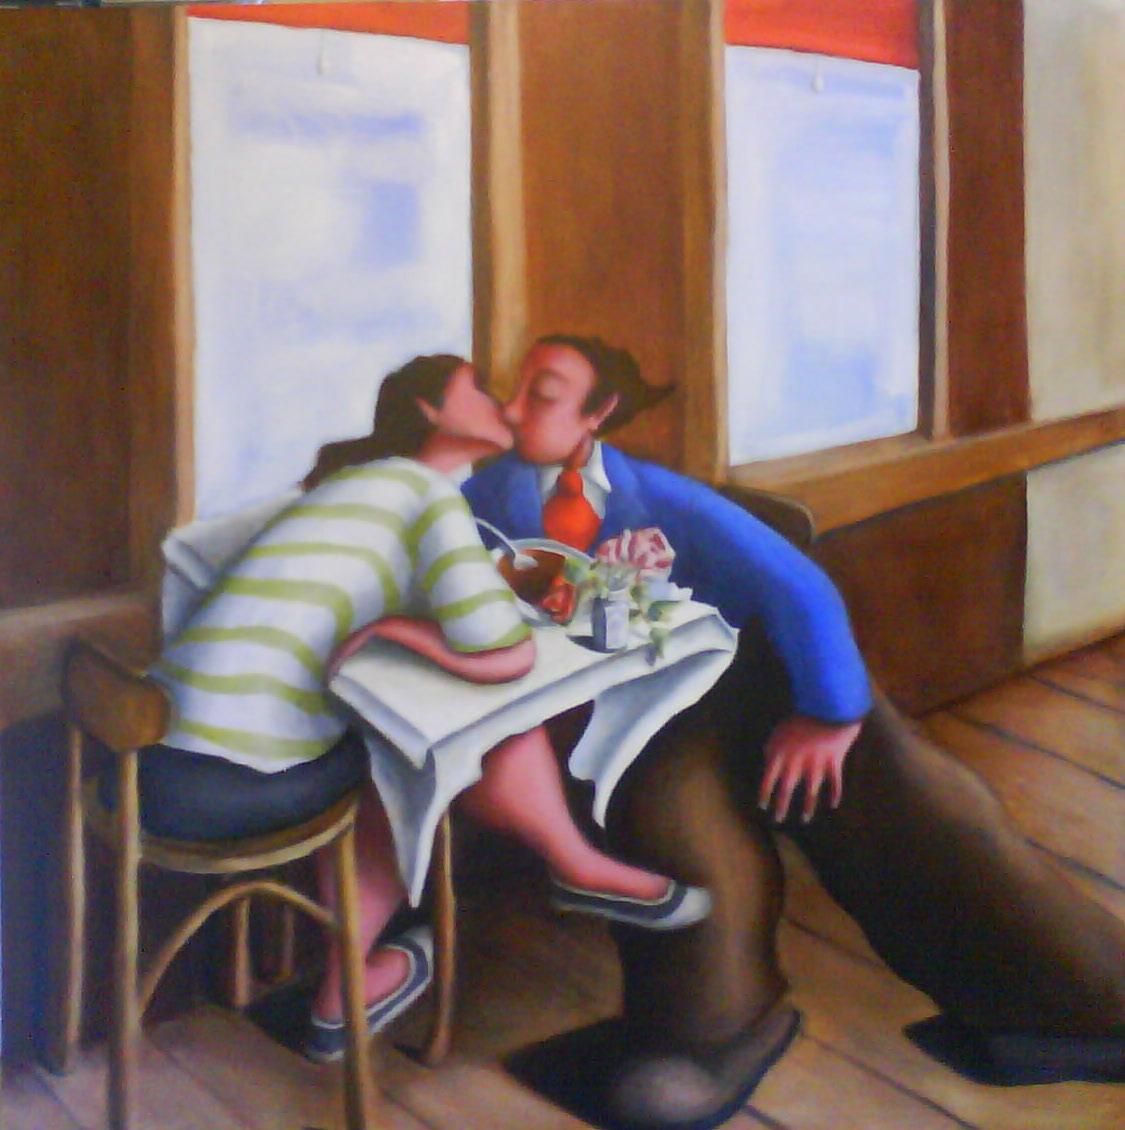 'Kissing'